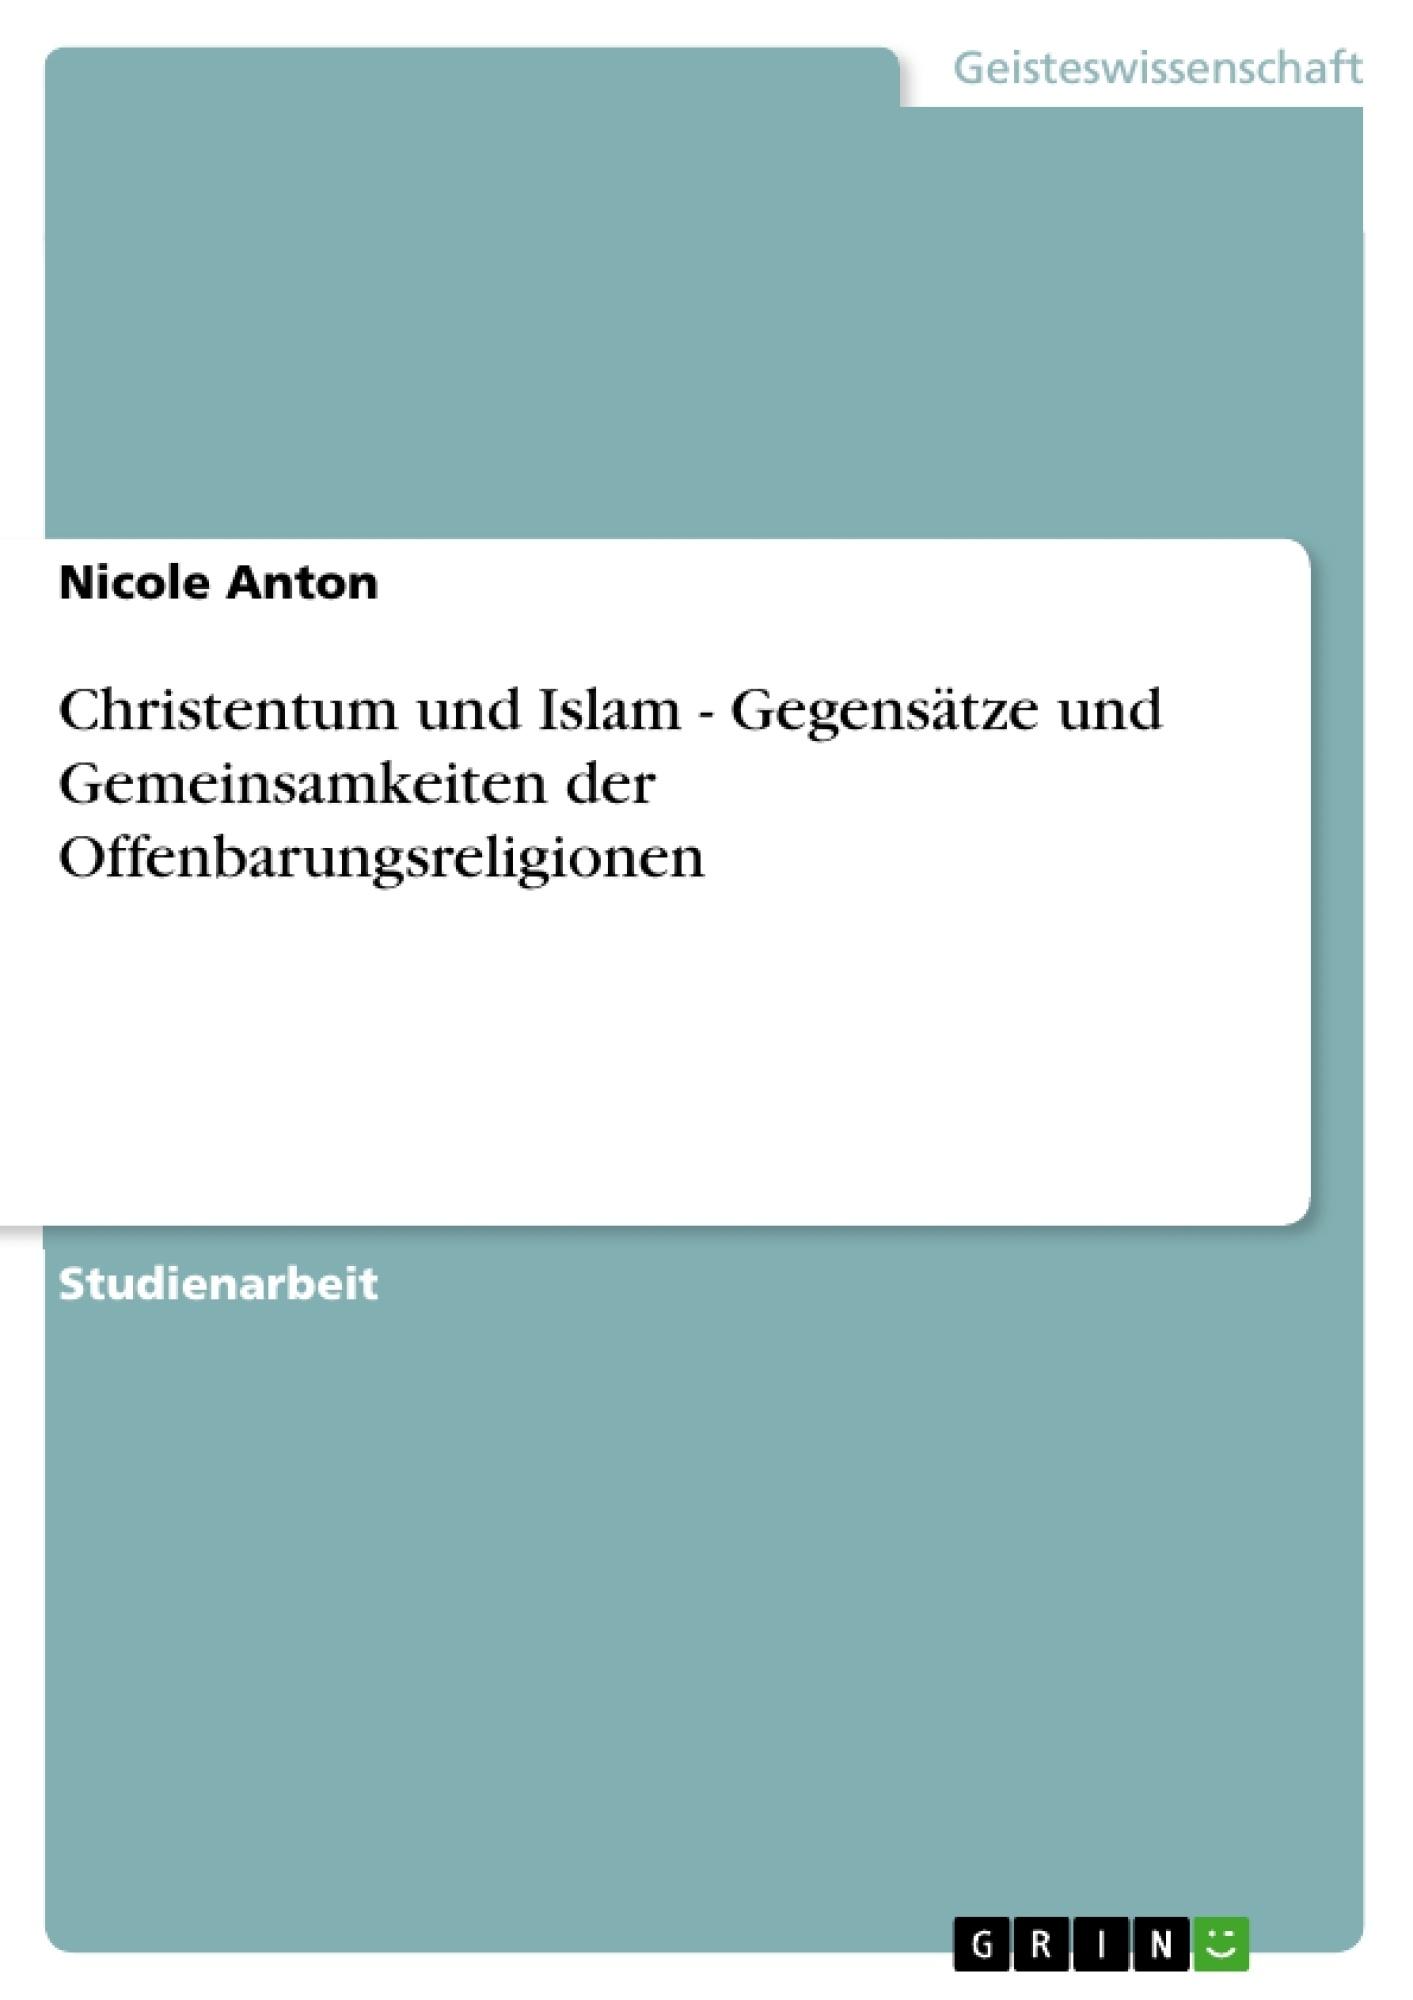 Titel: Christentum und Islam - Gegensätze und Gemeinsamkeiten der Offenbarungsreligionen